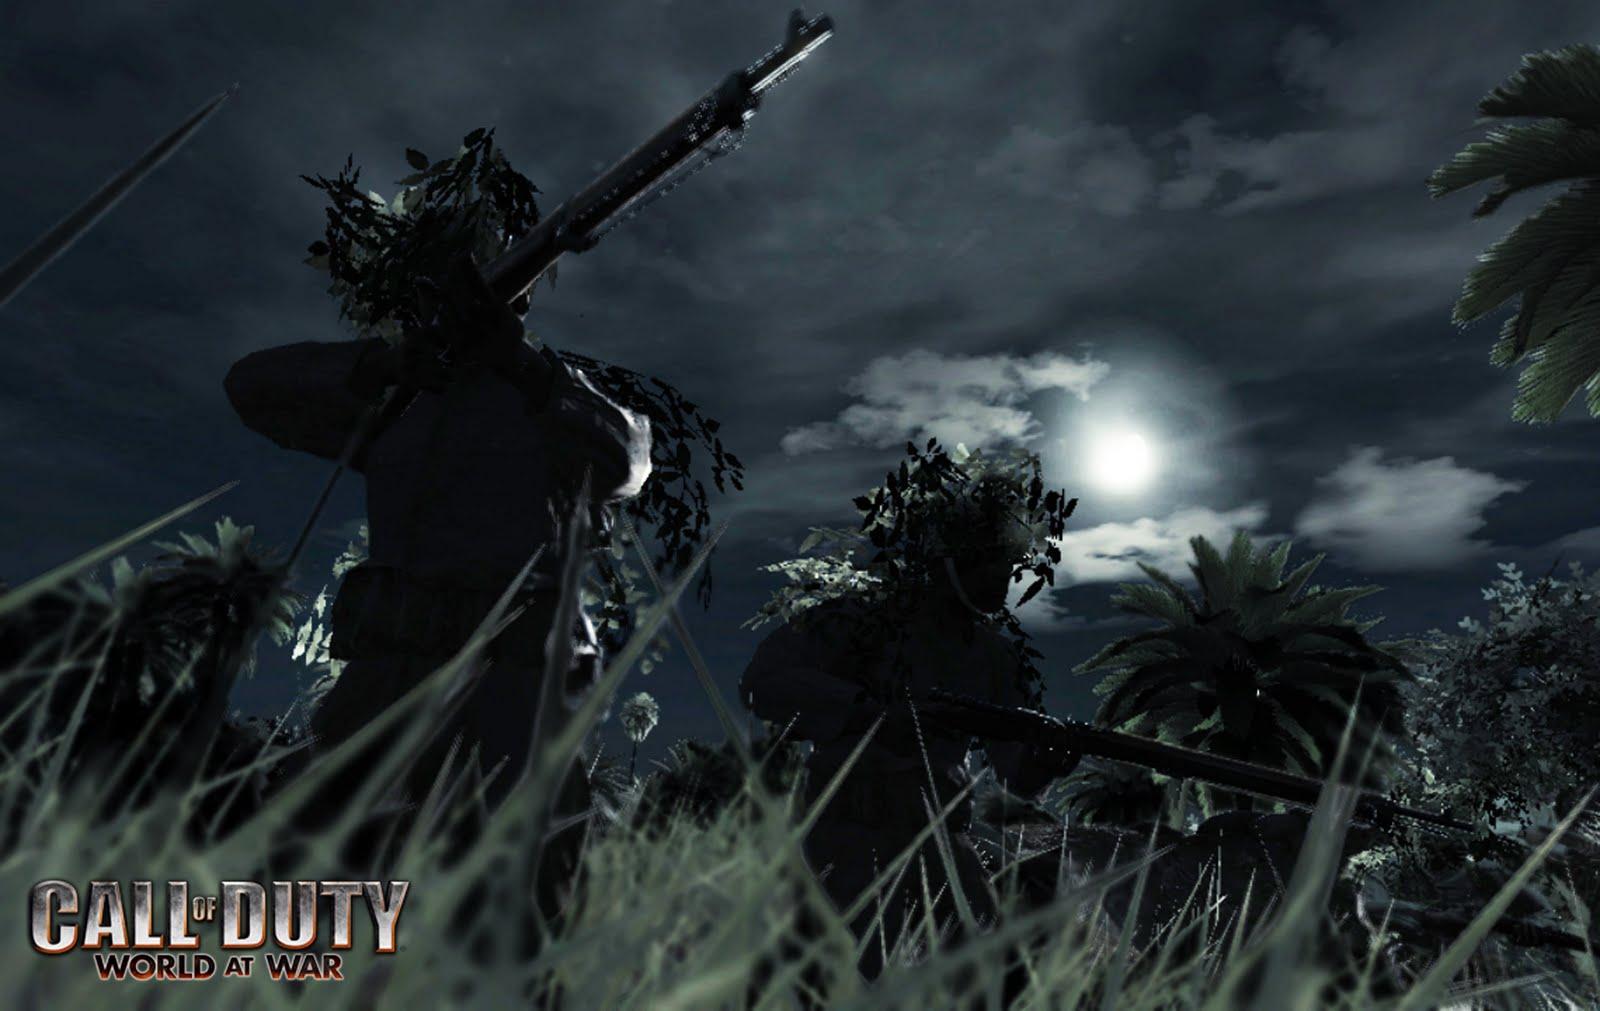 Call Of Duty World At War Wallpaper: HD Desktop Wallpaper: Call Of Duty World At War